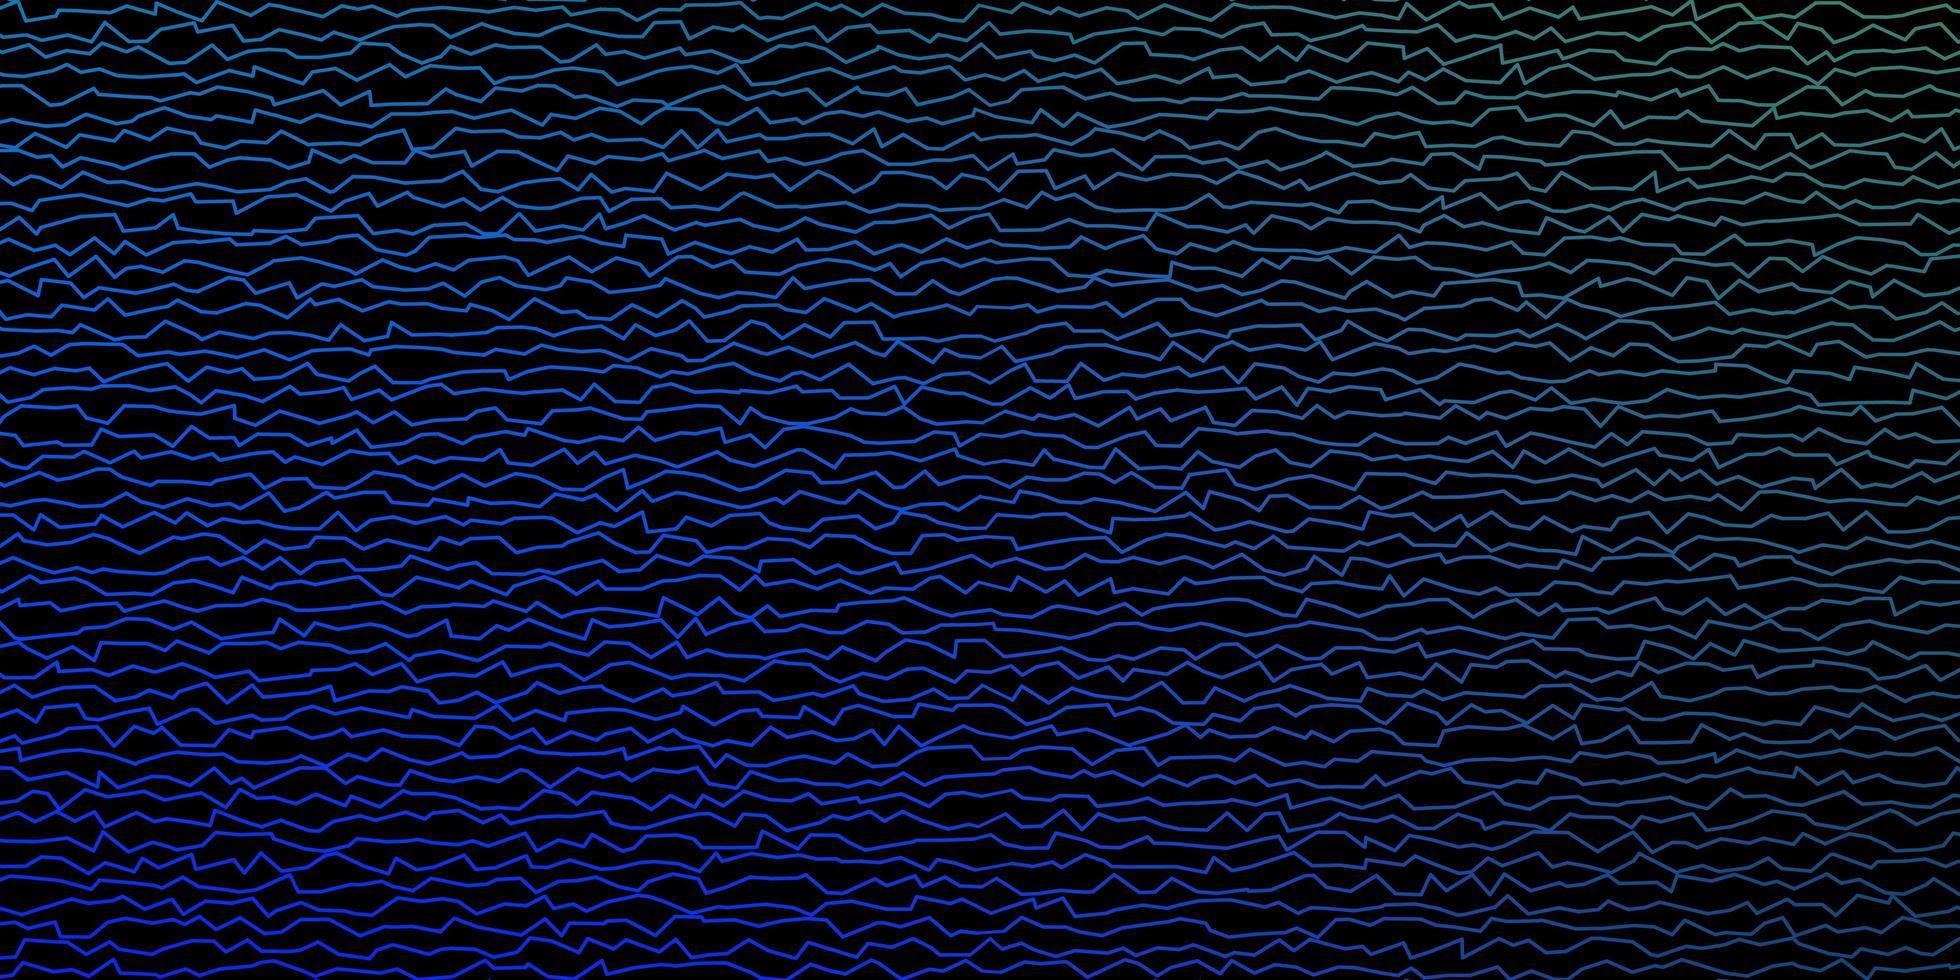 fundo vector azul e verde escuro com linhas dobradas.